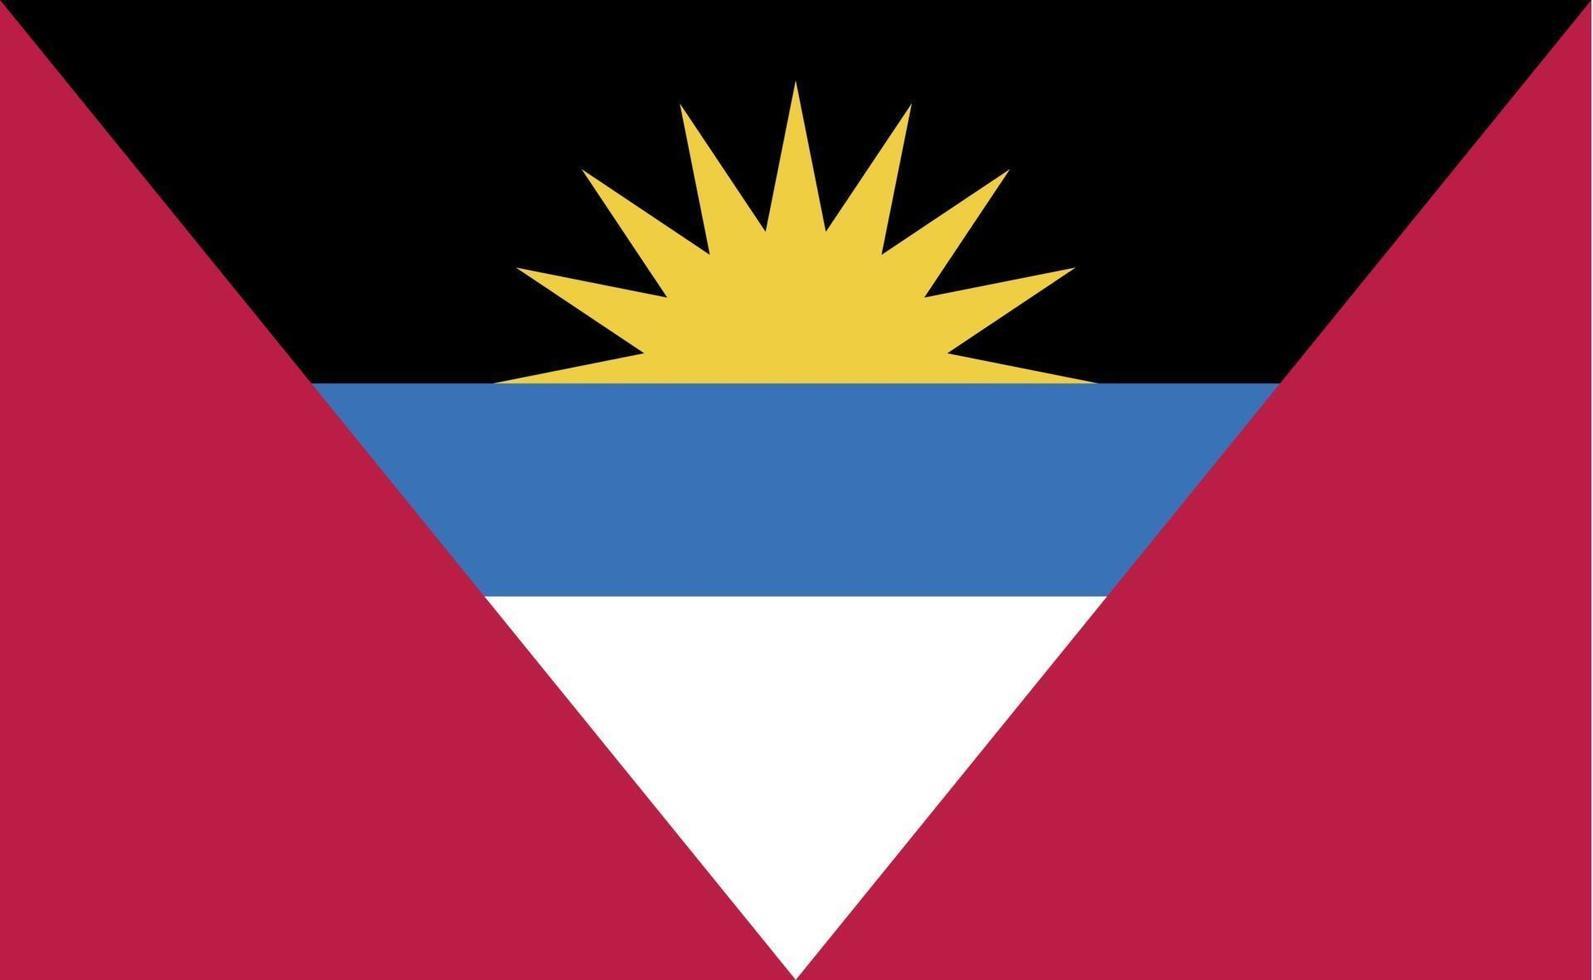 drapeau national antigua-et-barbuda dans des proportions exactes - illustration vectorielle vecteur